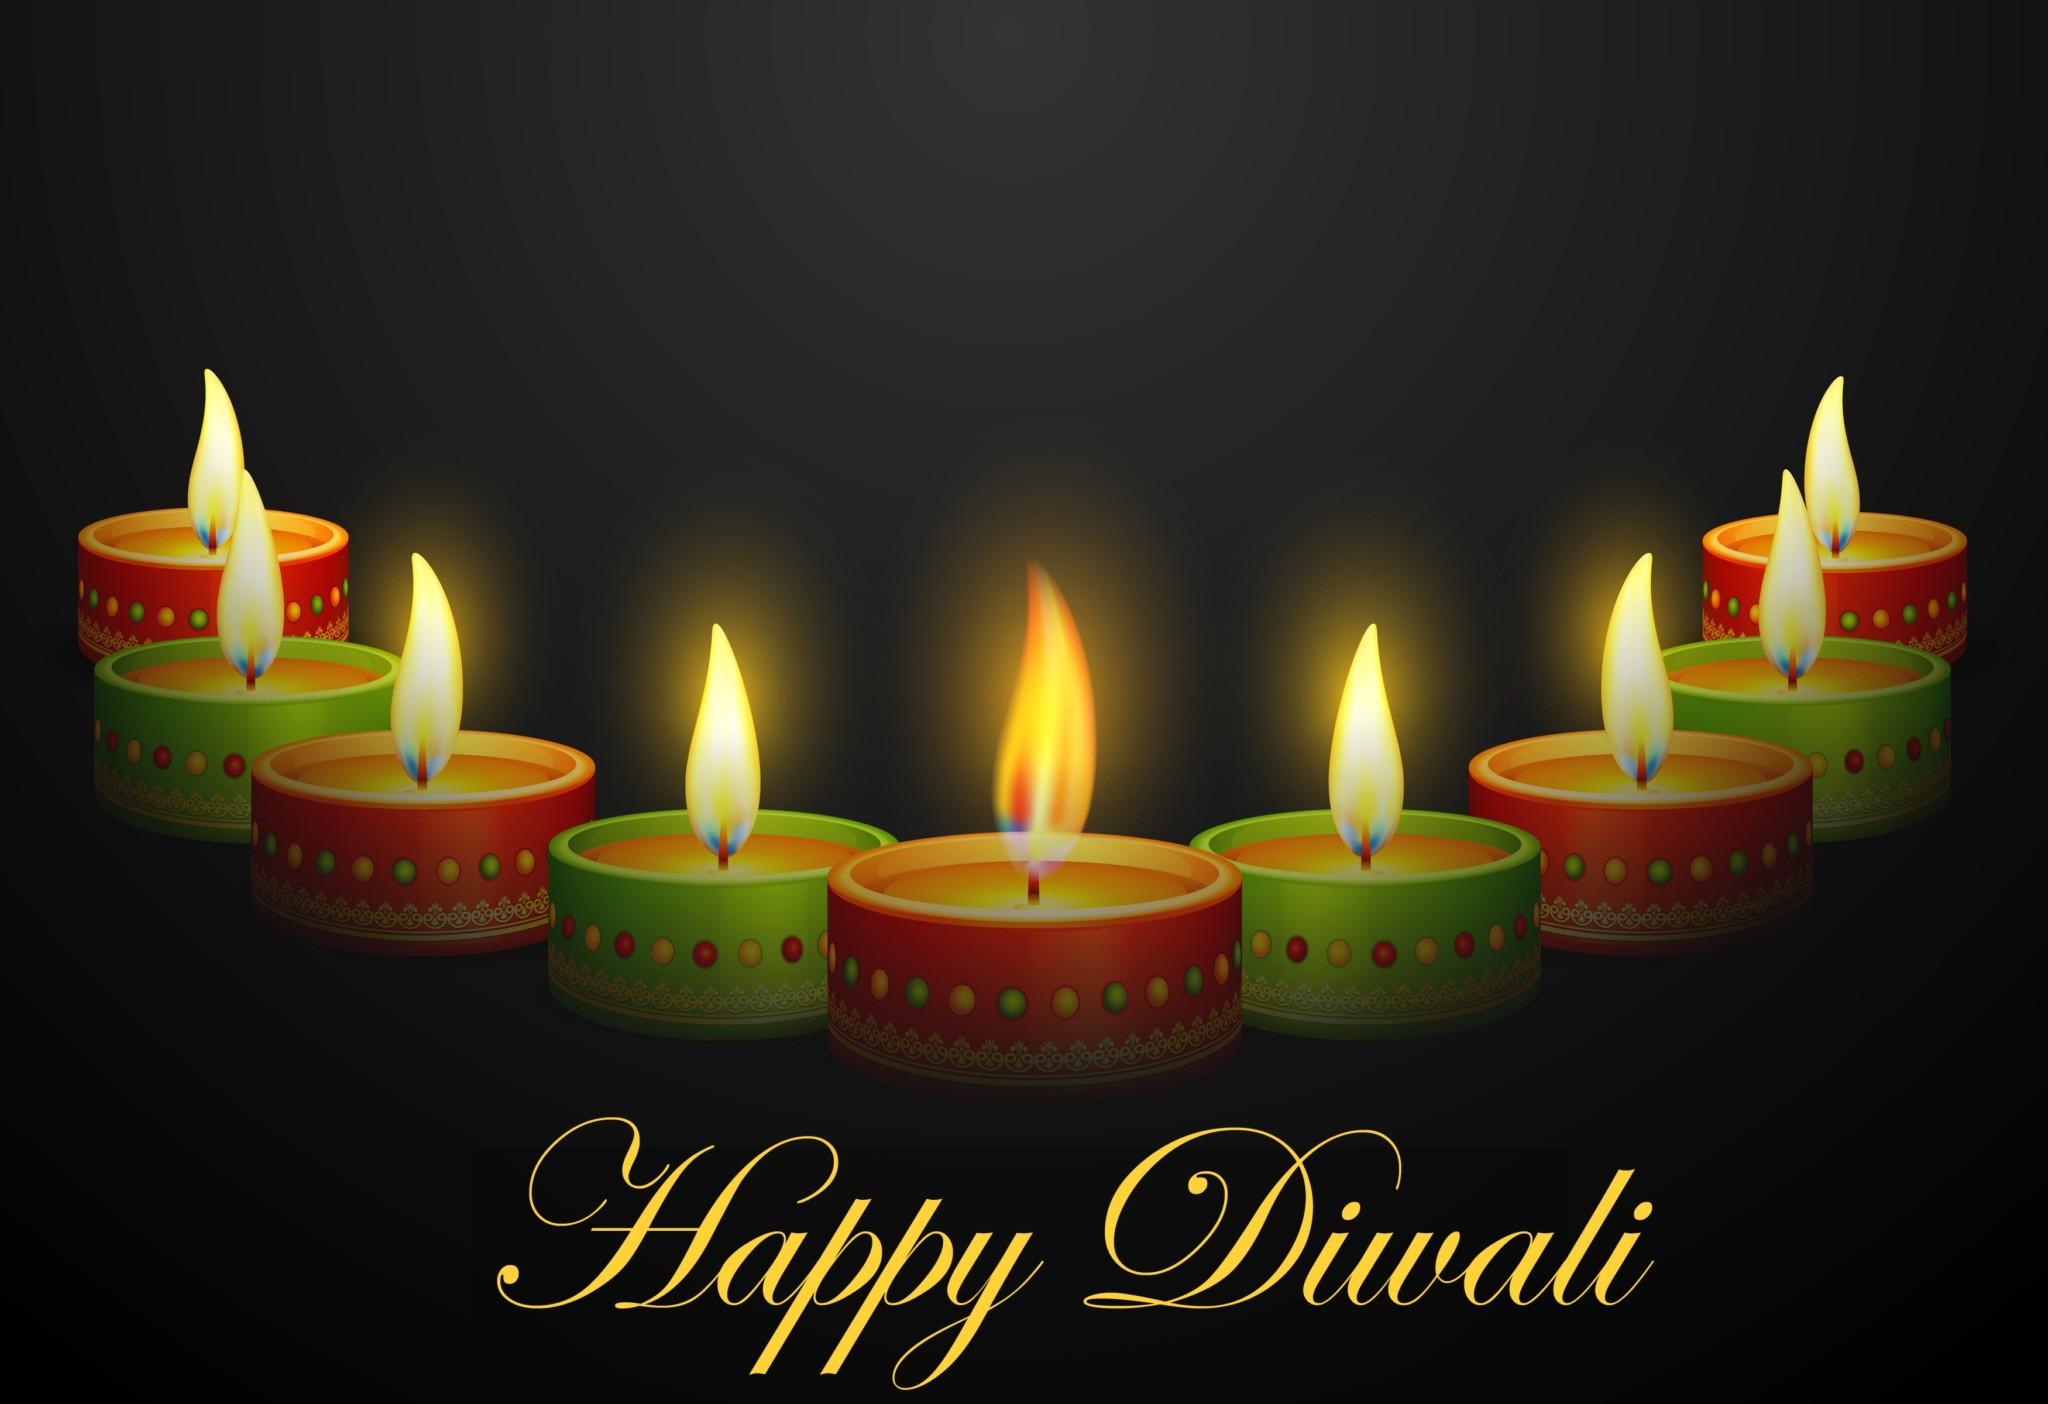 happy diwali wish